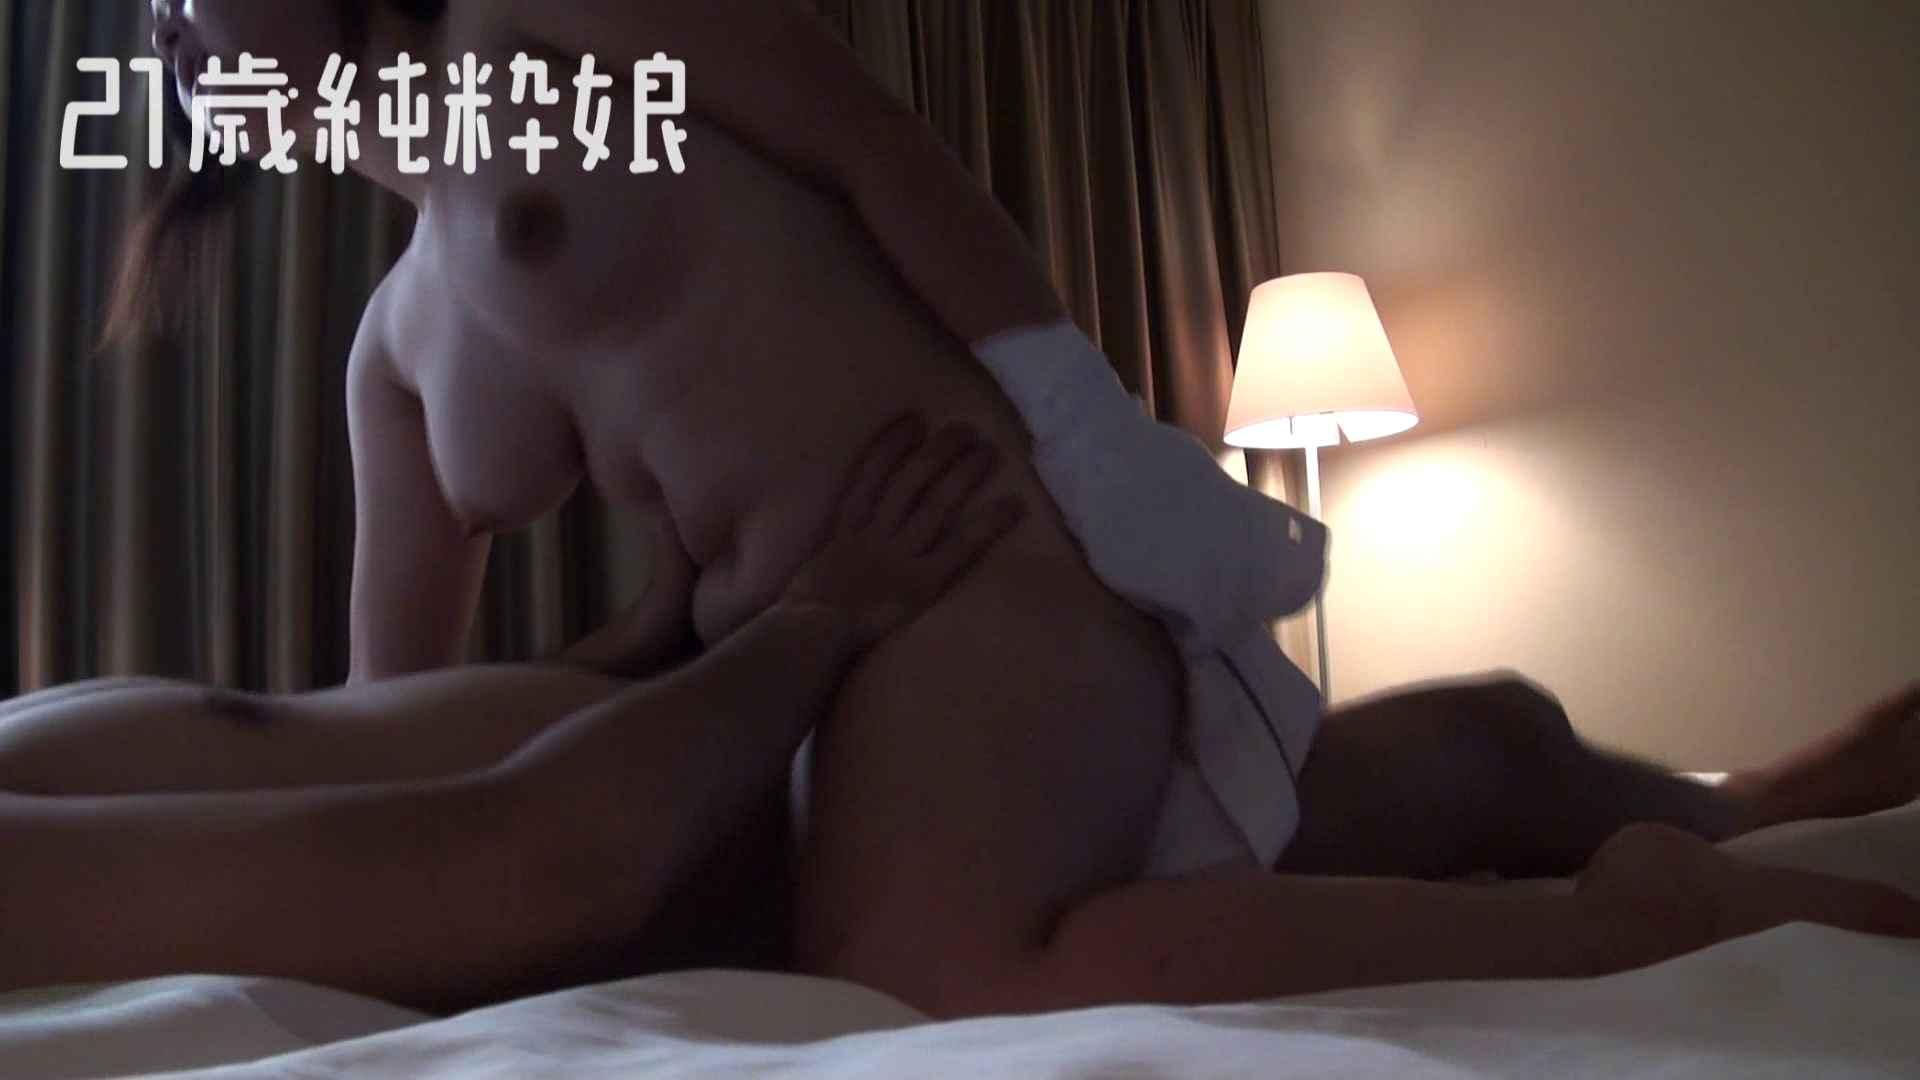 上京したばかりのGカップ21歳純粋嬢を都合の良い女にしてみた2 オナニー特集 | ギャル達のSEX  77画像 68